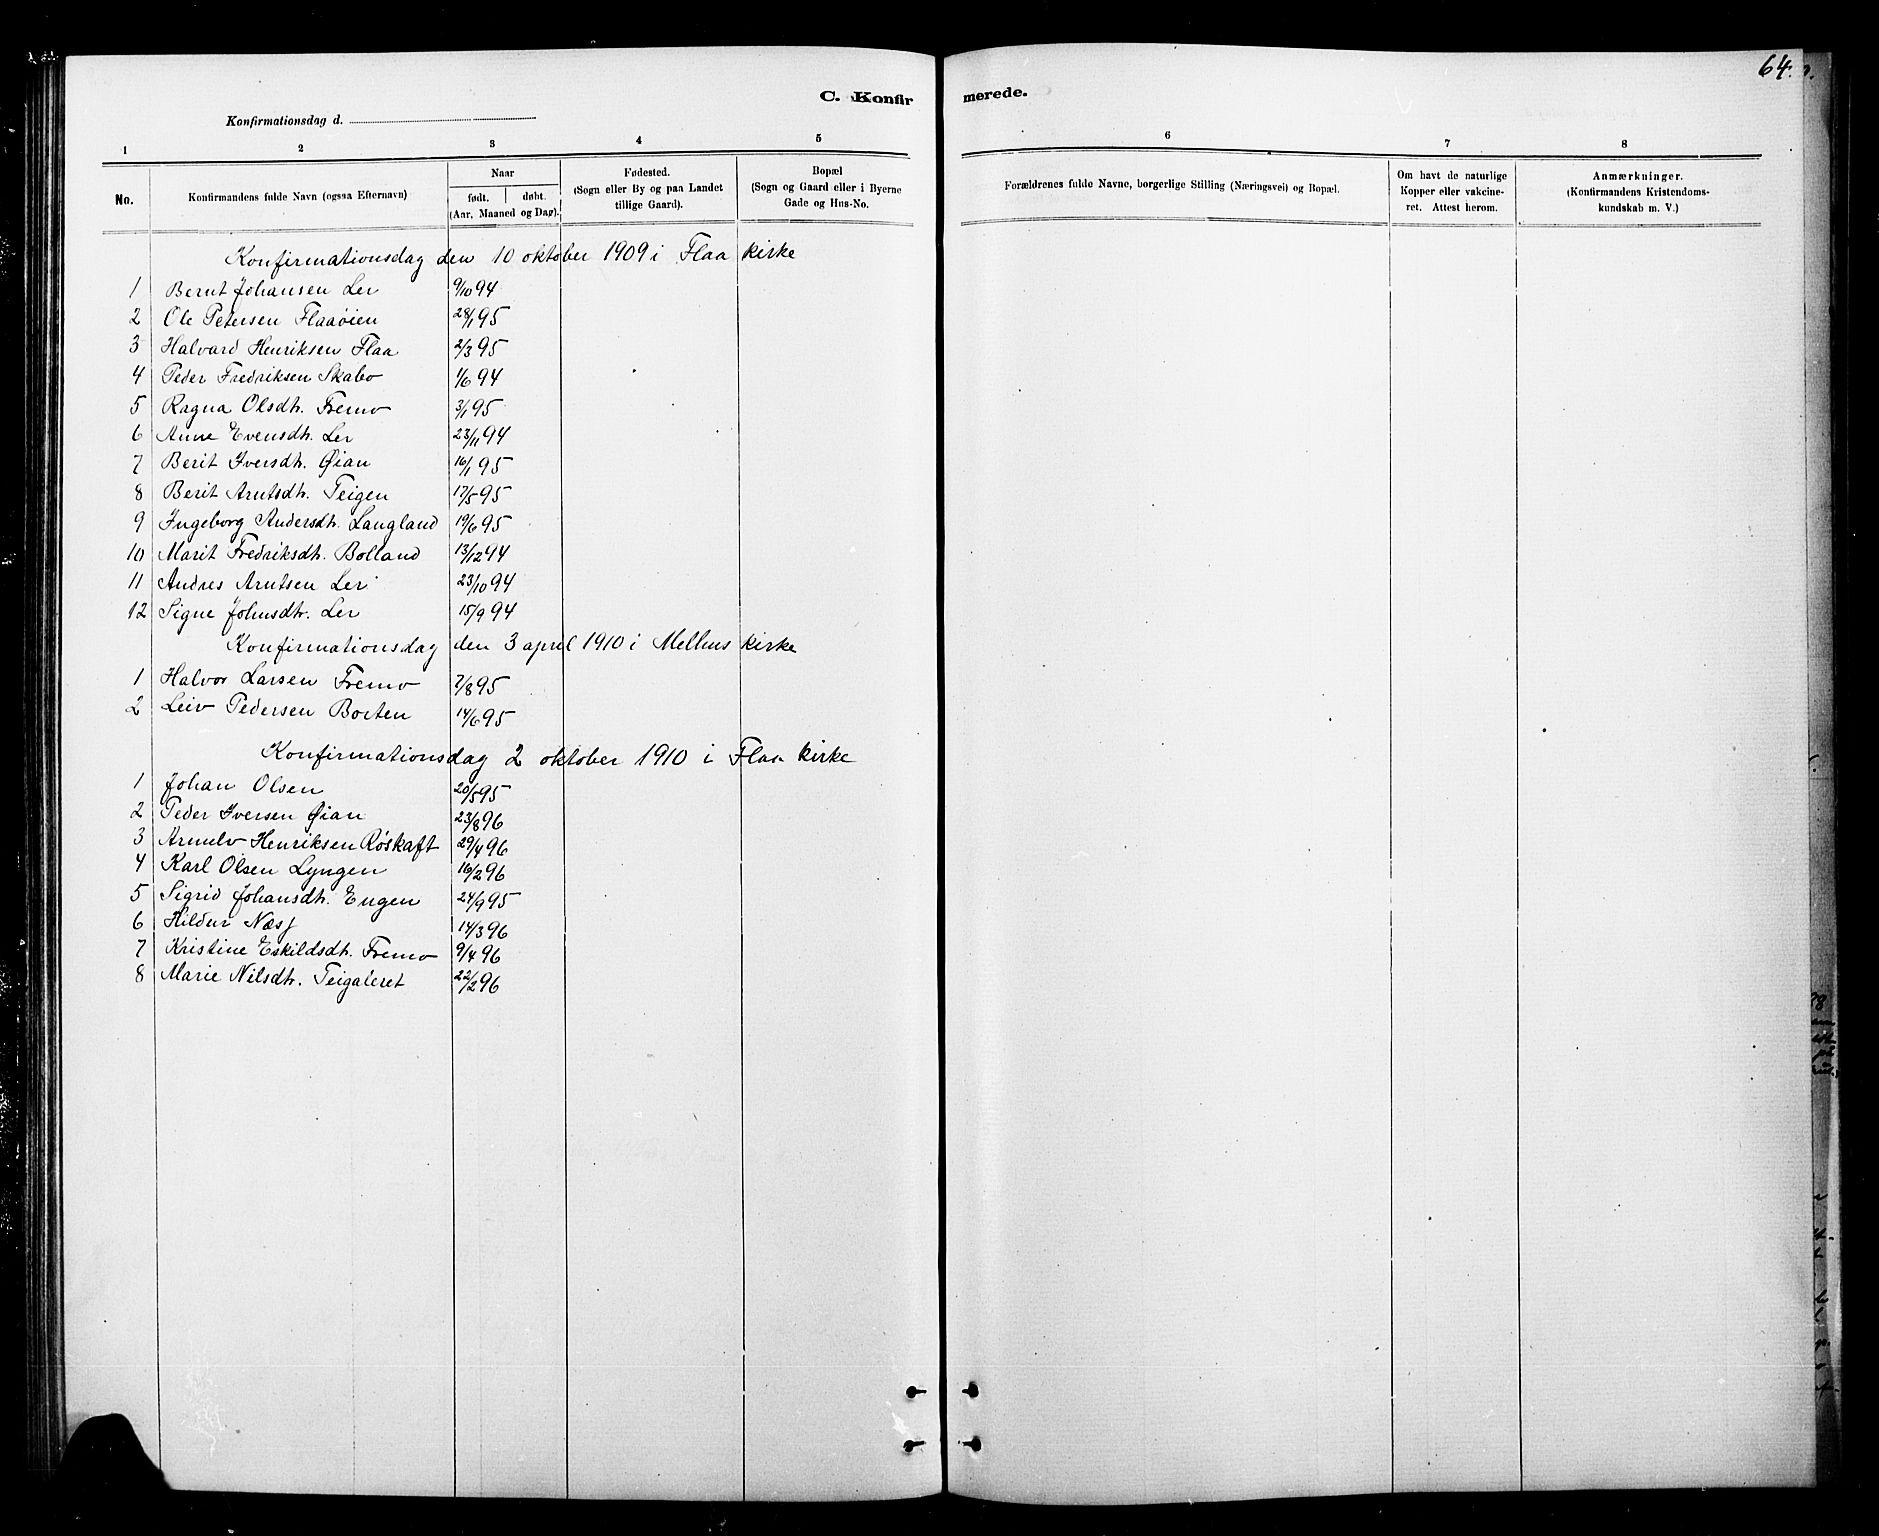 SAT, Ministerialprotokoller, klokkerbøker og fødselsregistre - Sør-Trøndelag, 693/L1123: Klokkerbok nr. 693C04, 1887-1910, s. 64